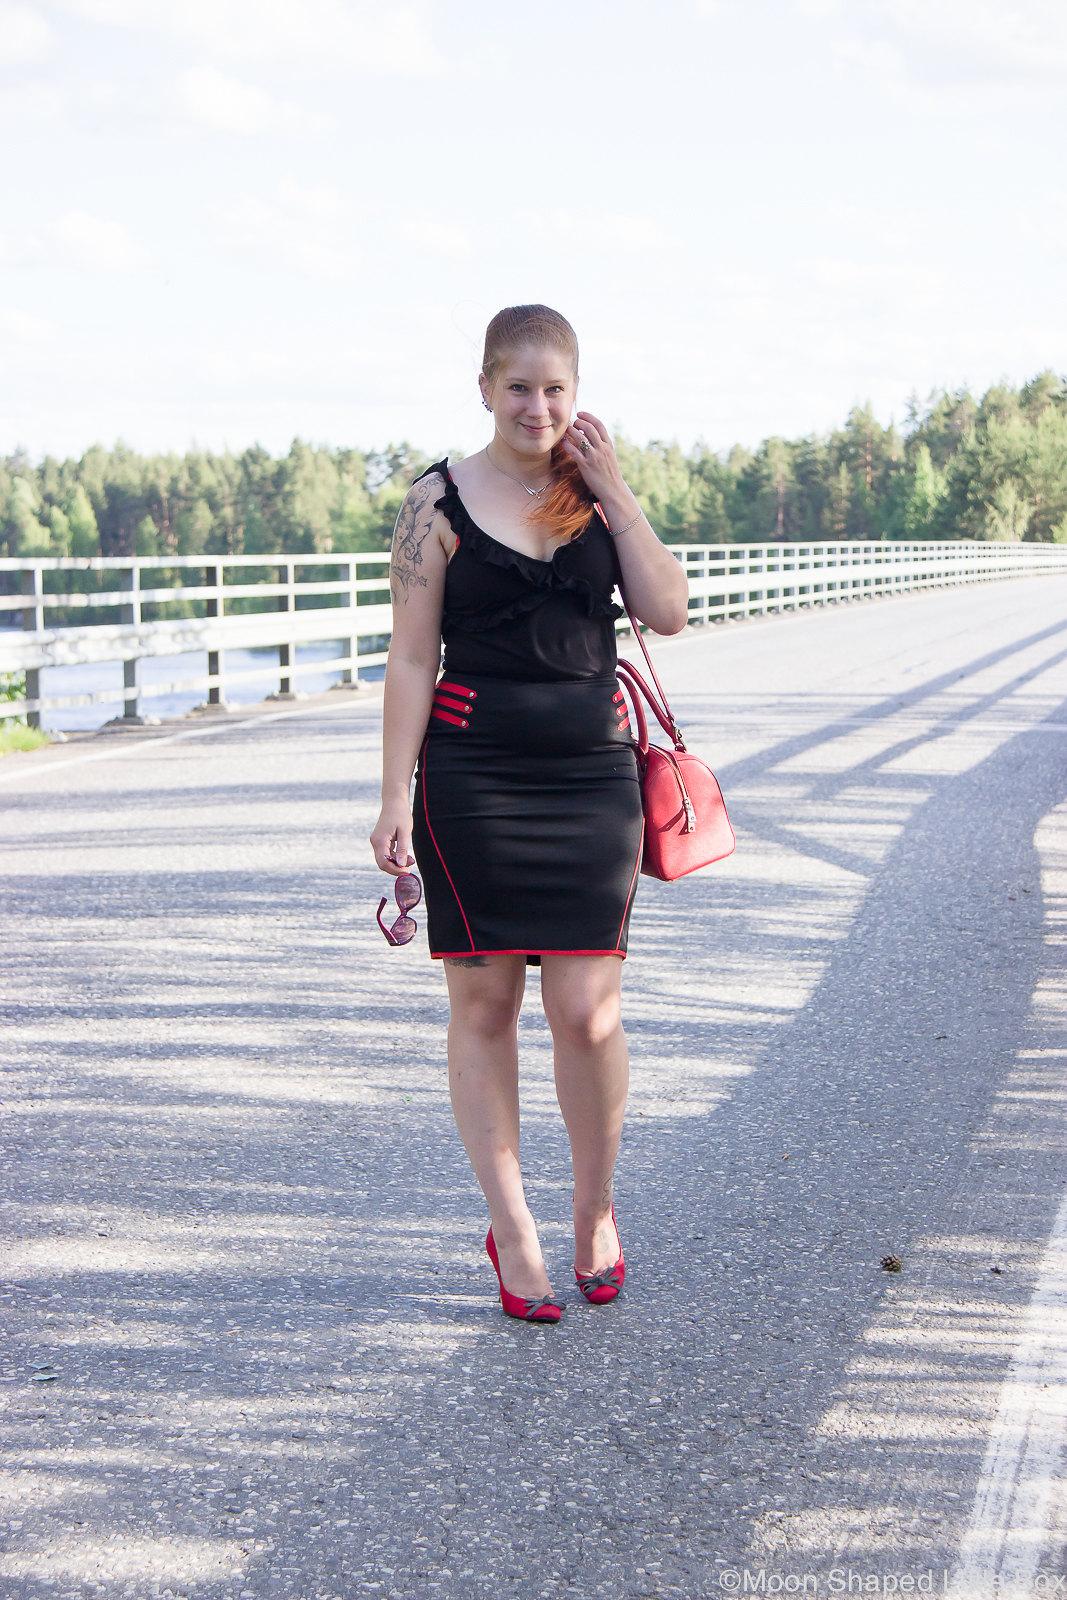 Kynähameen asustaminen, tyylibloggaaja, Pohjois- Karjala, Käsämä